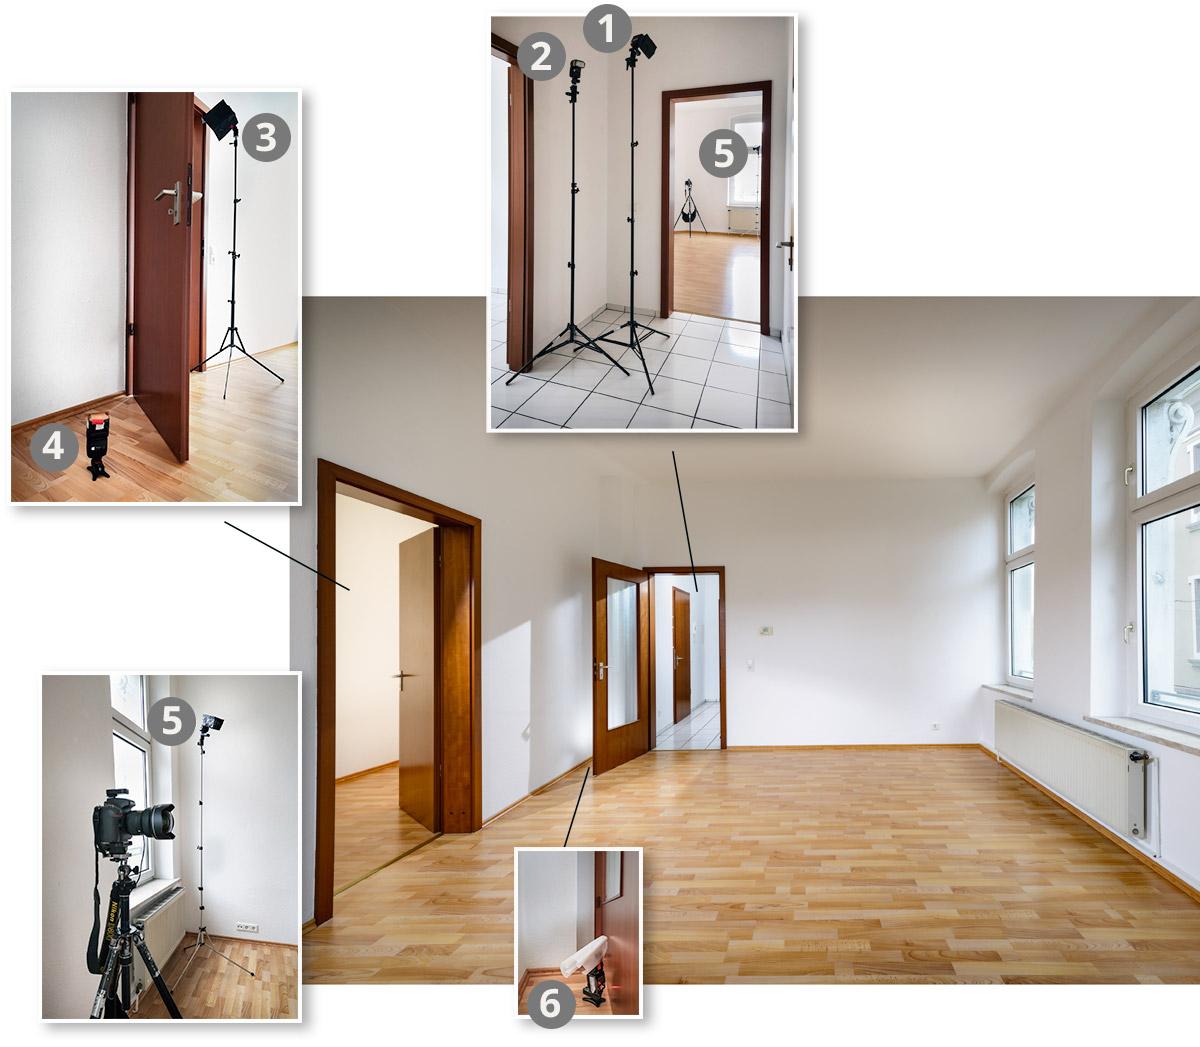 Positionen der Blitze. Mietwohnung fotografieren für die Immobilienanzeige.